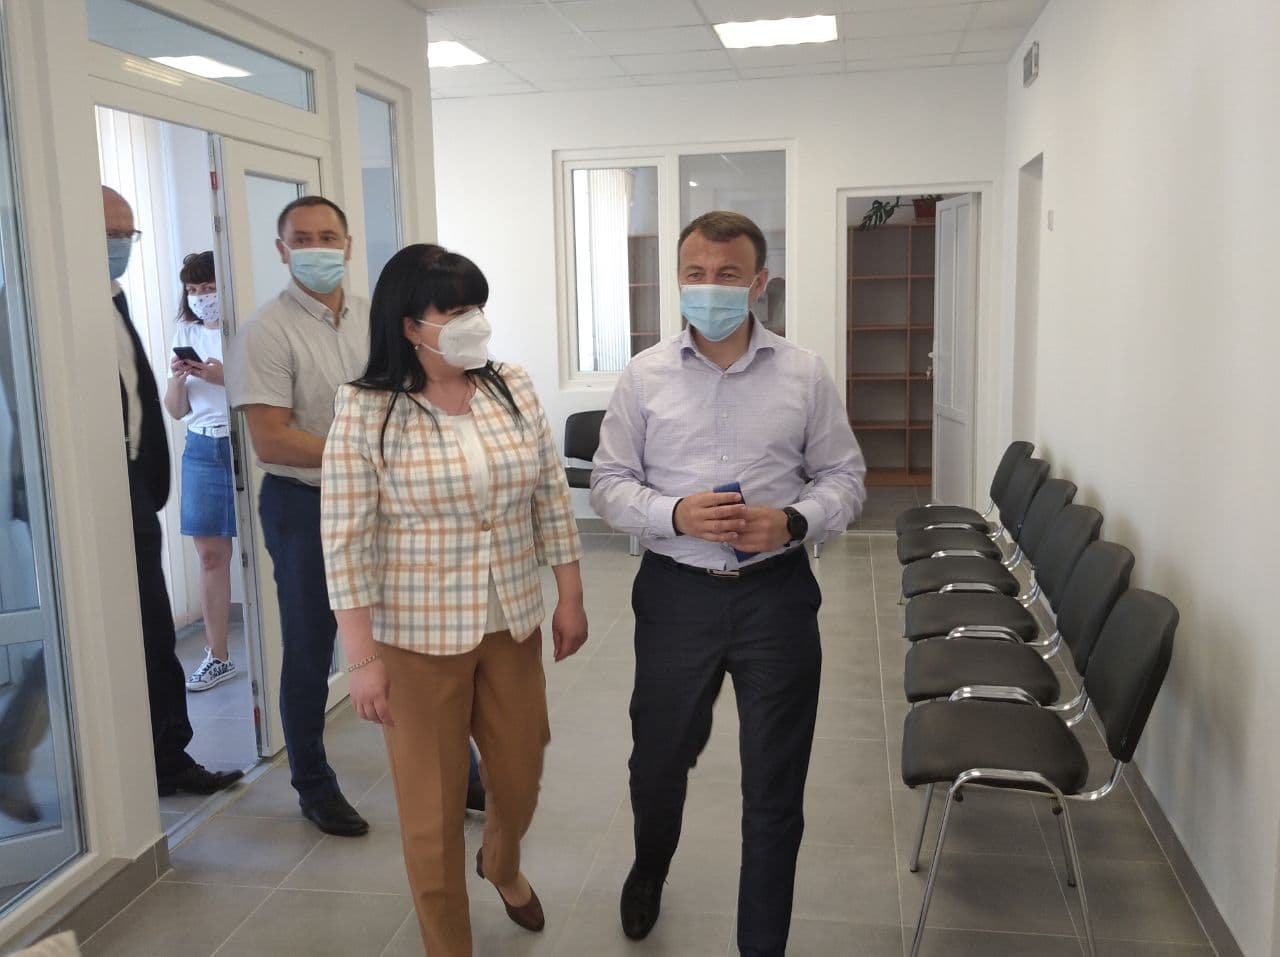 Голова Закарпатської ОДА відкрив три нові амбулаторії на Закарпатті (ВІДЕО), фото-8